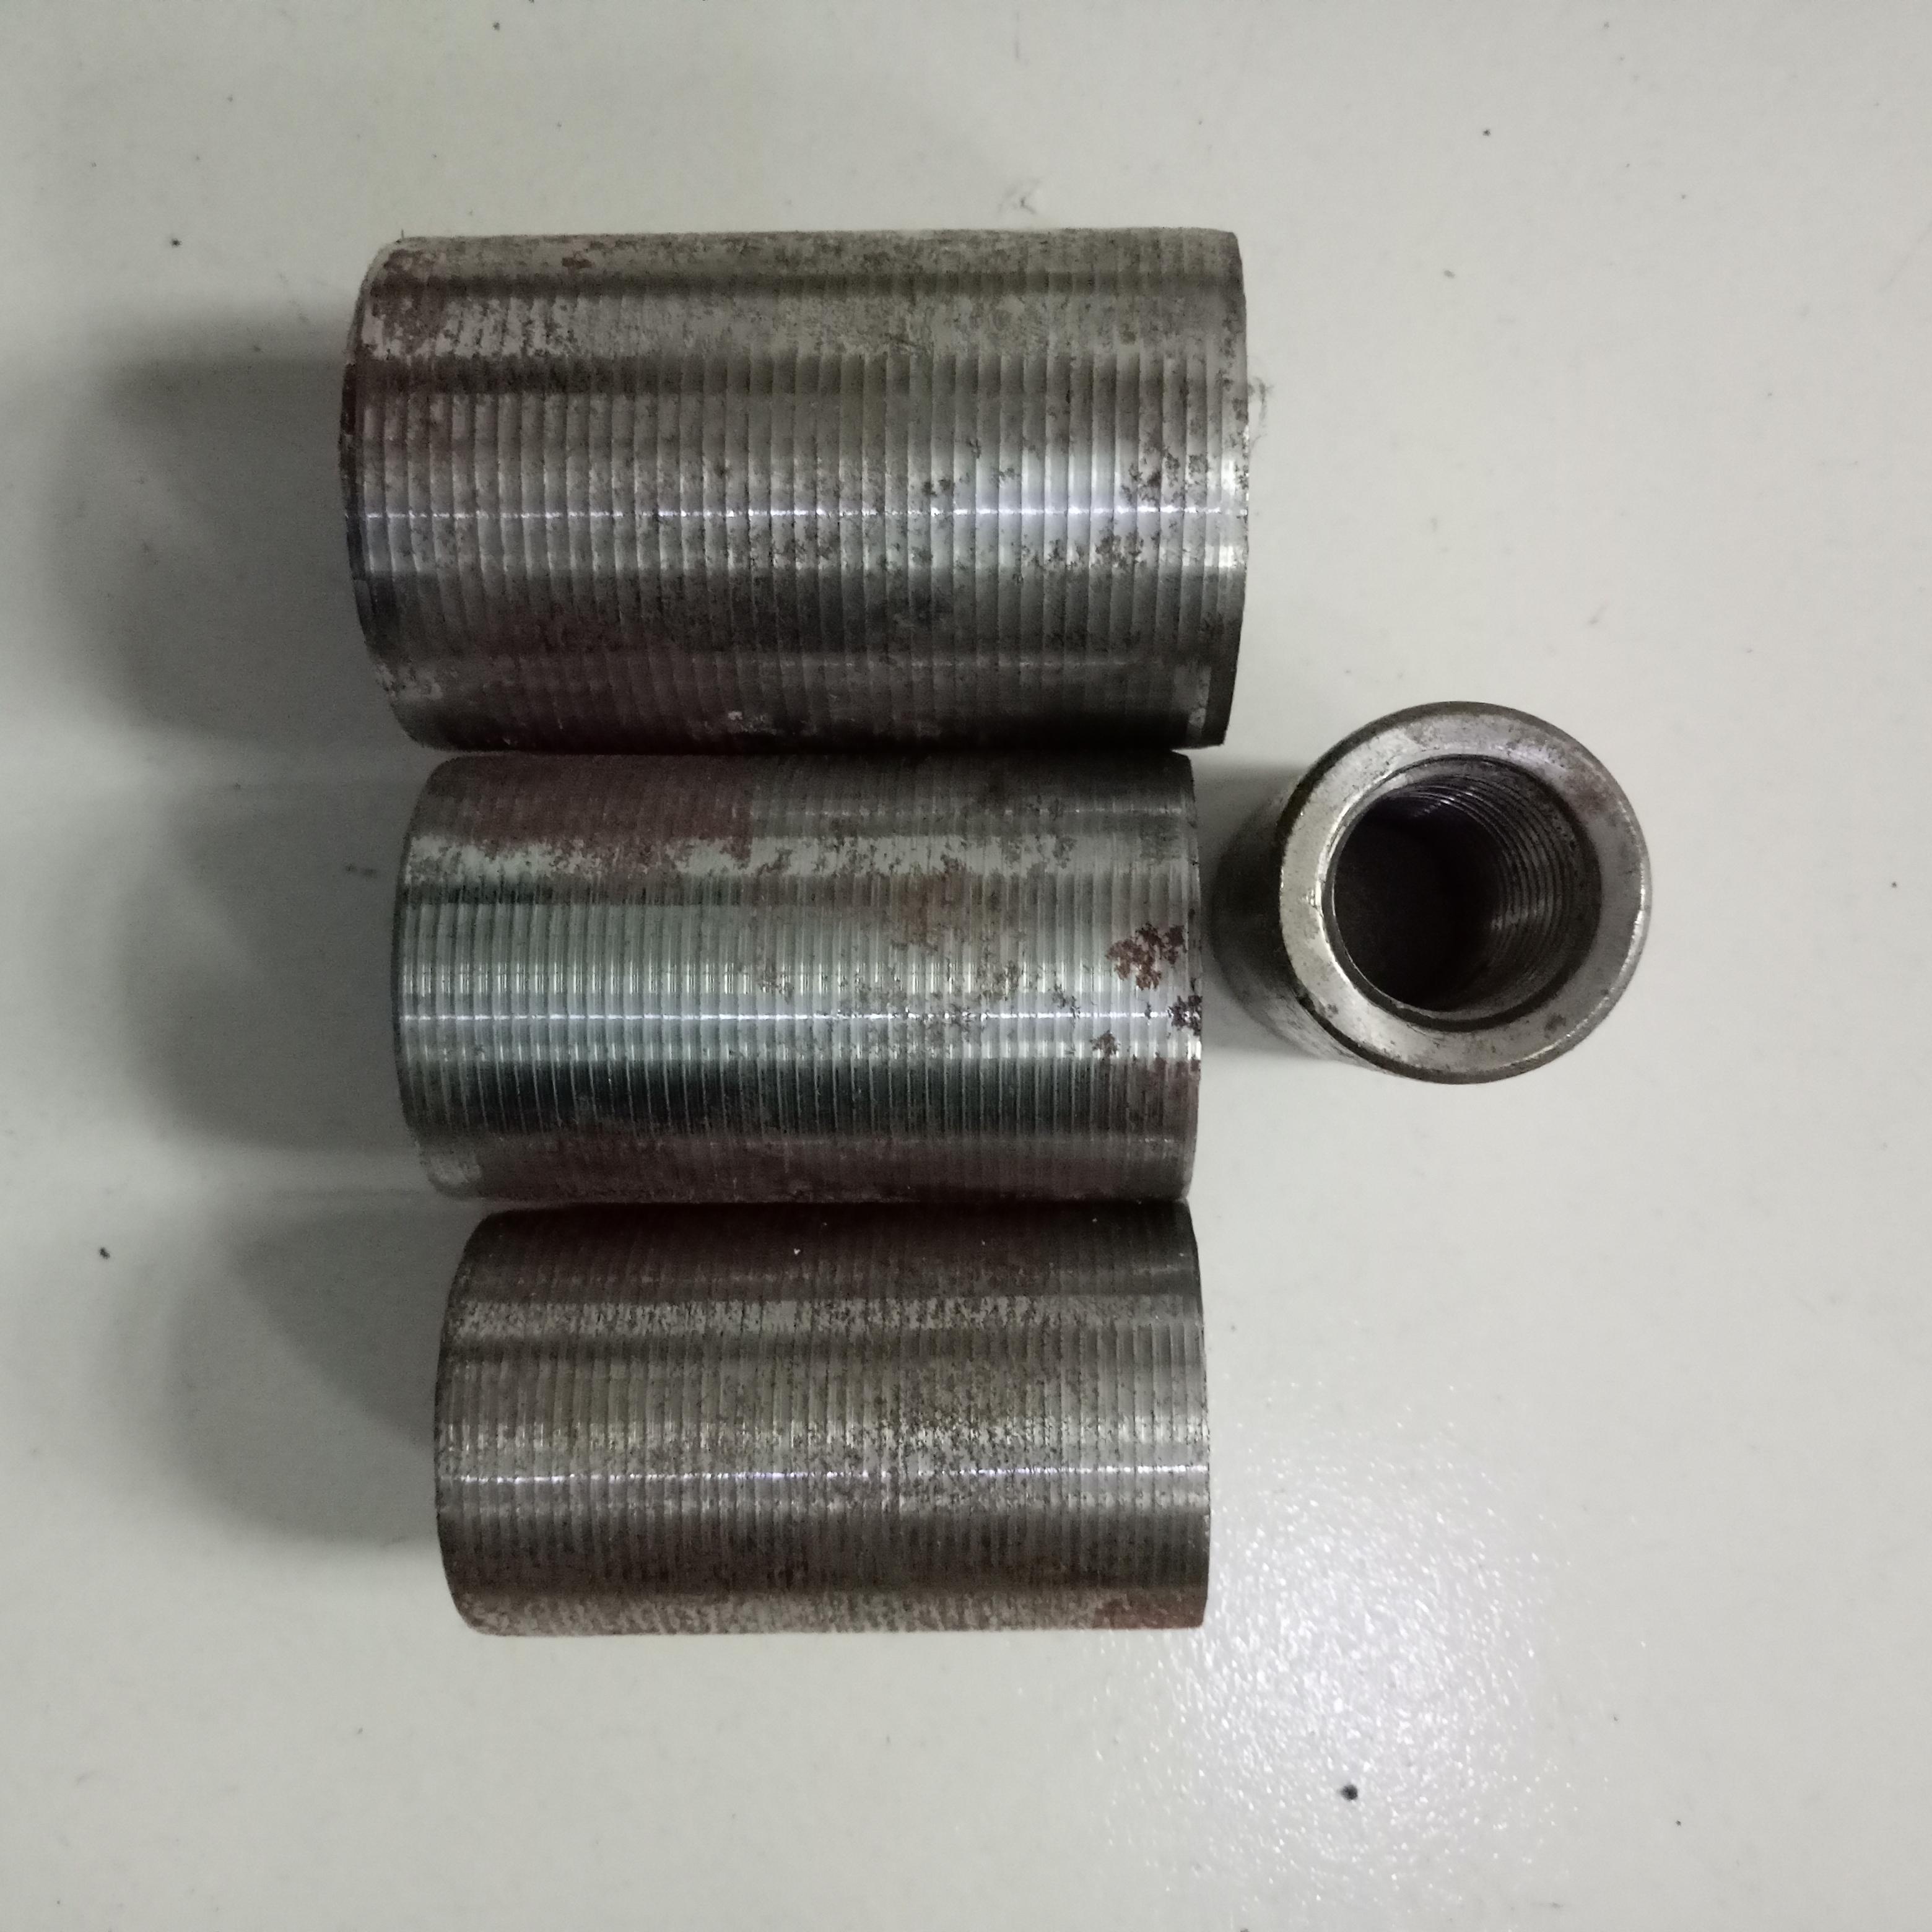 装配式建筑配件-钢筋套筒_装配式建筑配件-钢筋连接套筒